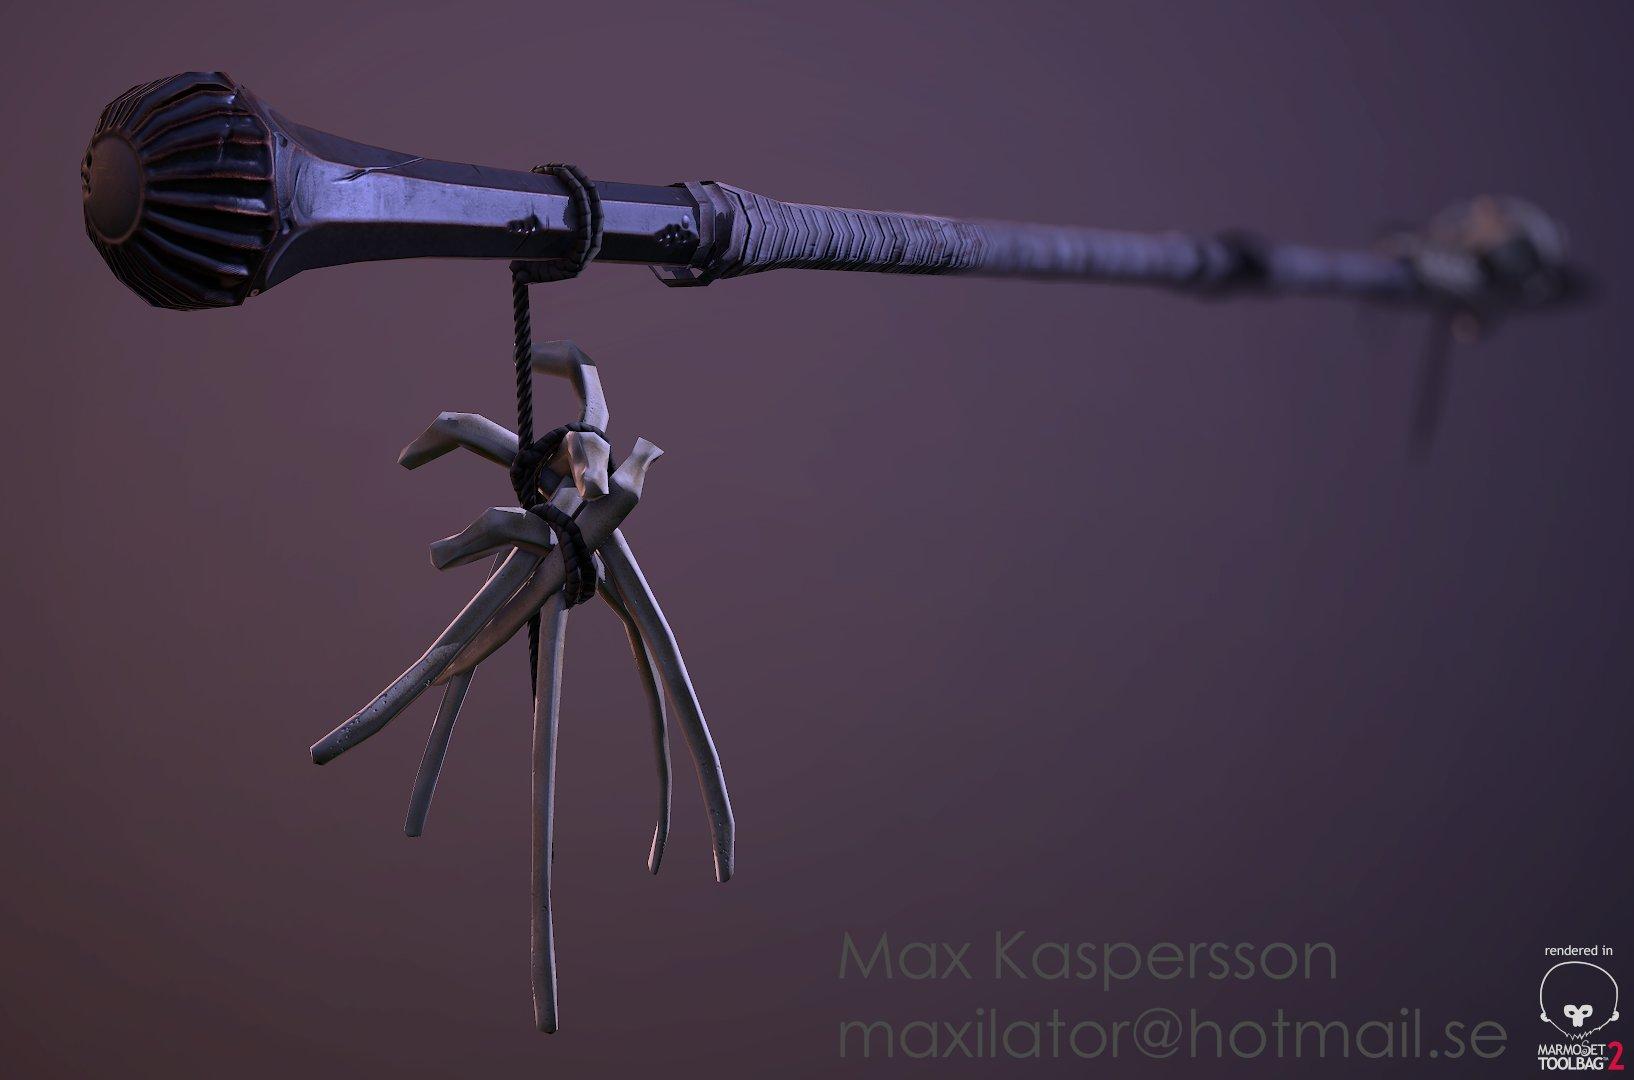 Max kaspersson 5